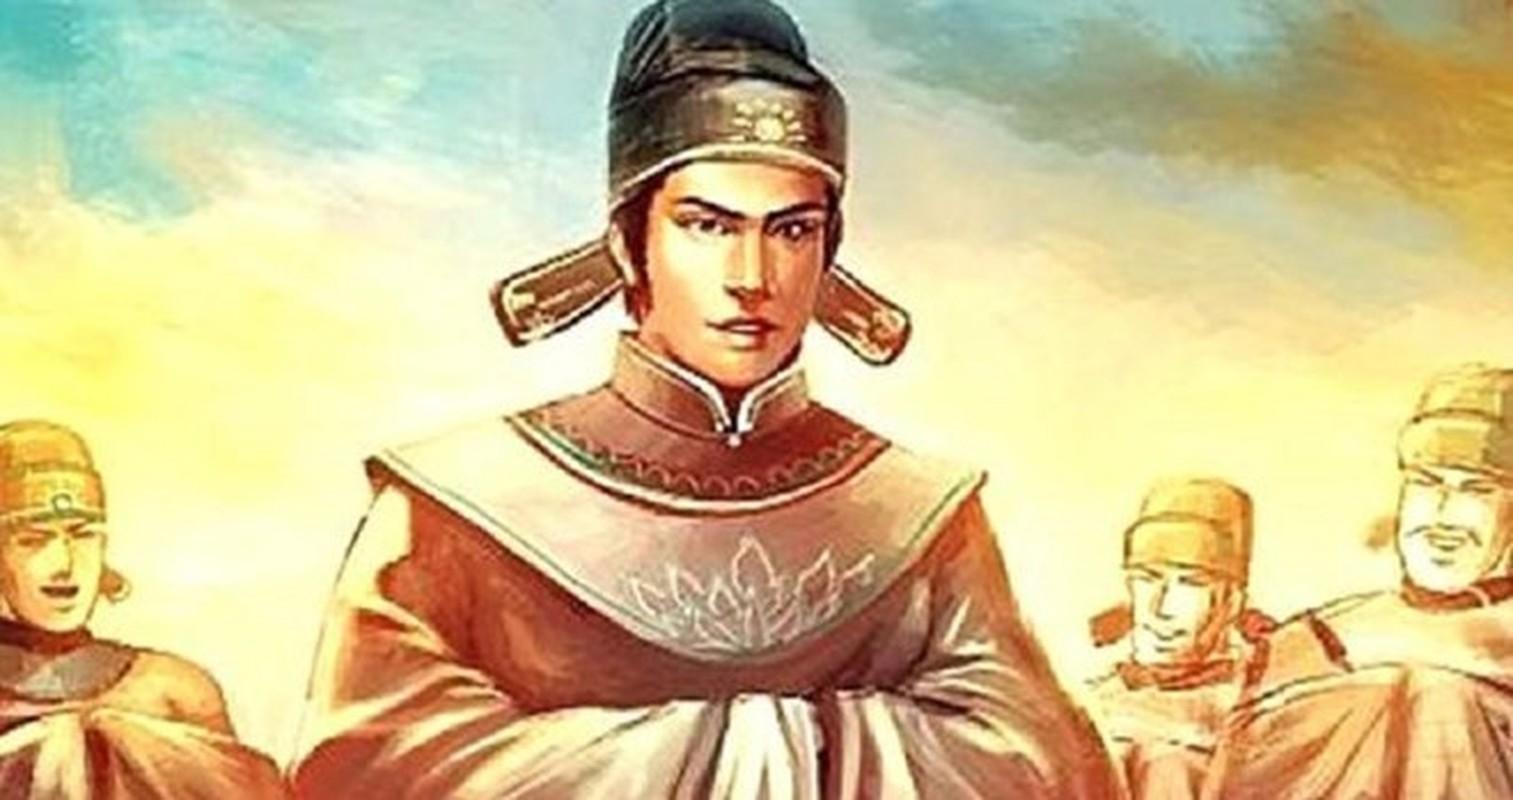 Trang nguyen duy nhat tu choi lay cong chua lam vo